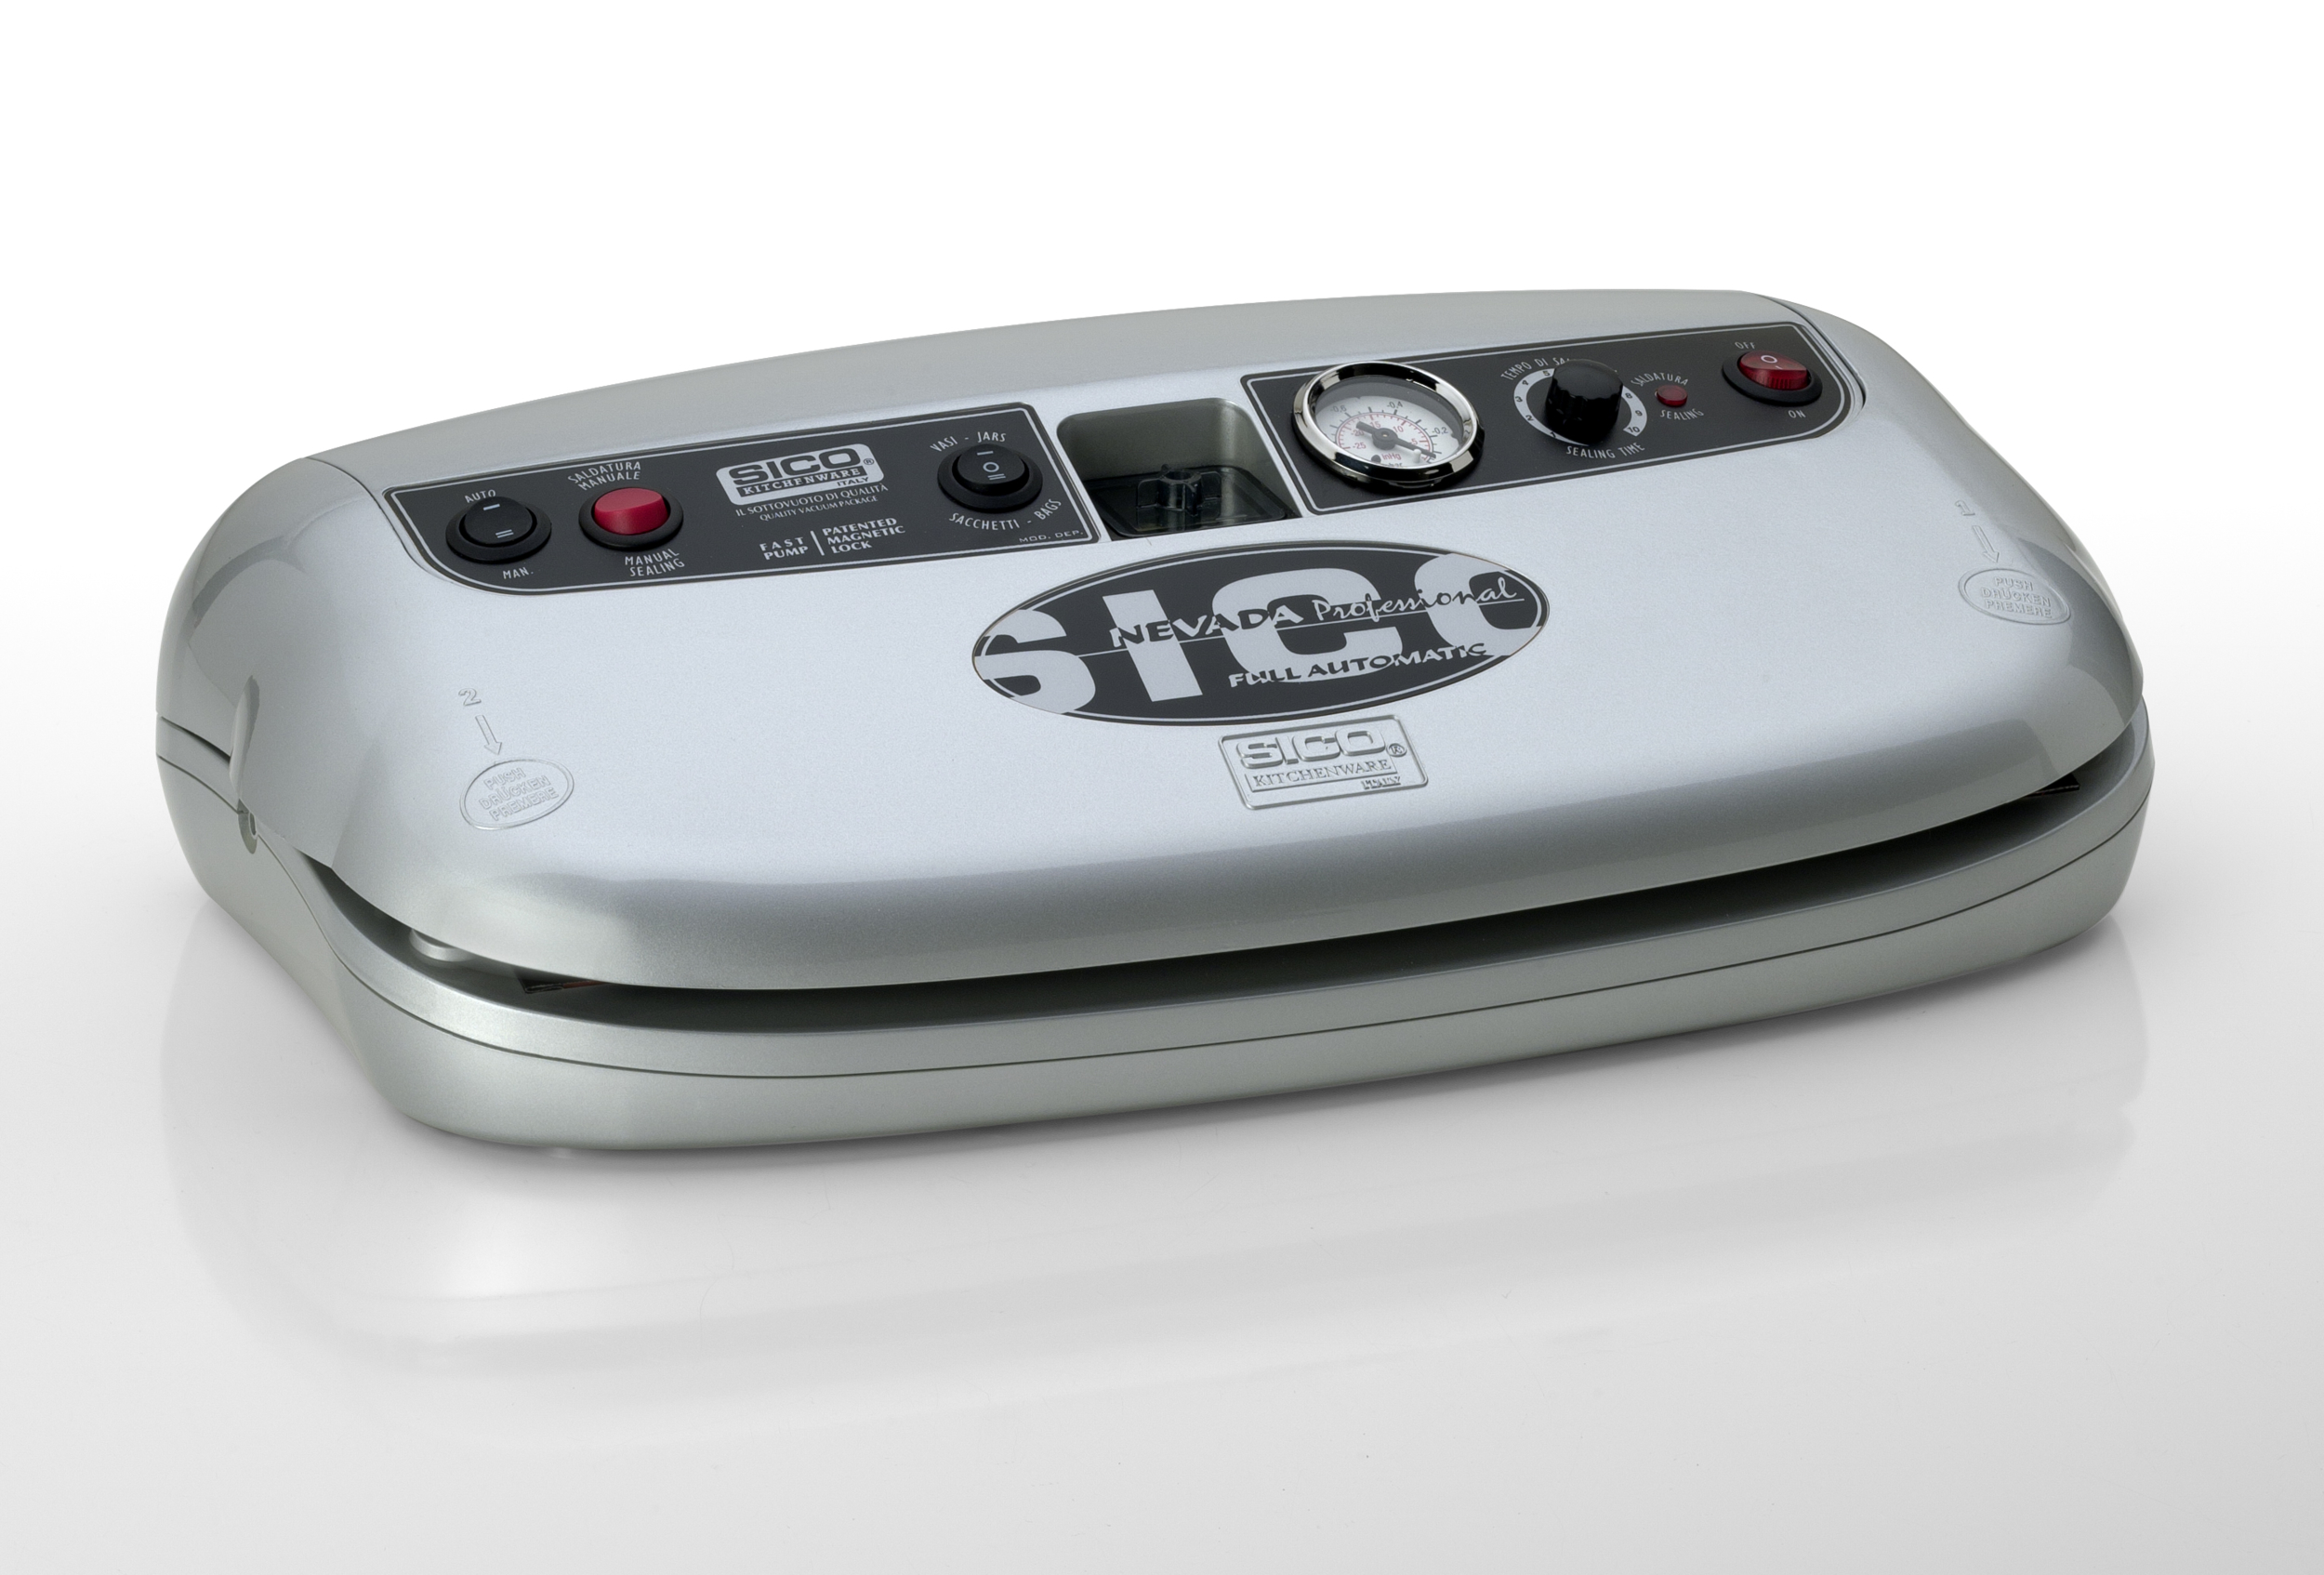 machine sous vide SICO NEVADA Silver,650W, Triple soudure 32 cm, vide -925 mb, aspiration 25L/min. Régulateur de pression. Garantie 2 ans. Garantie unique 10 ans (voir conditions) !! Port offert.Prog Fidélité 20€ crédités !